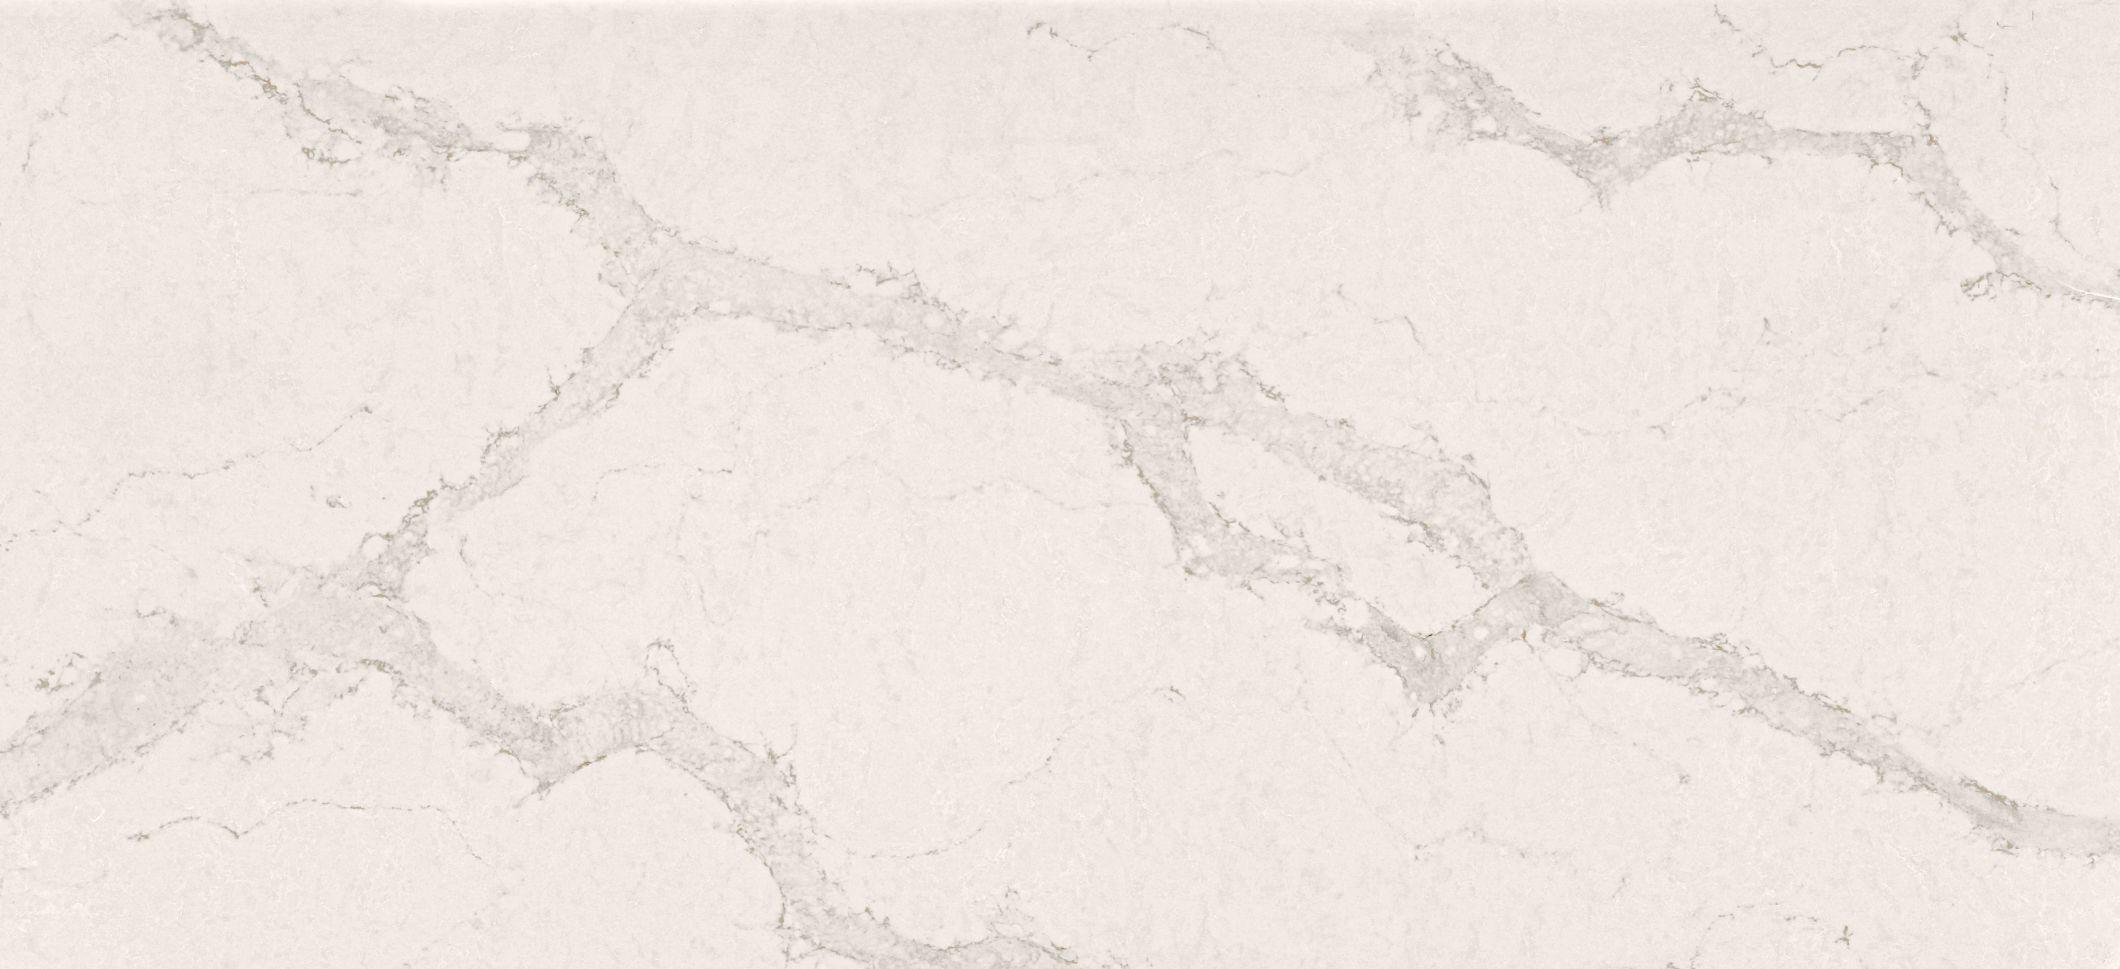 אבן קיסר דגם 5131 תמונה ראשית